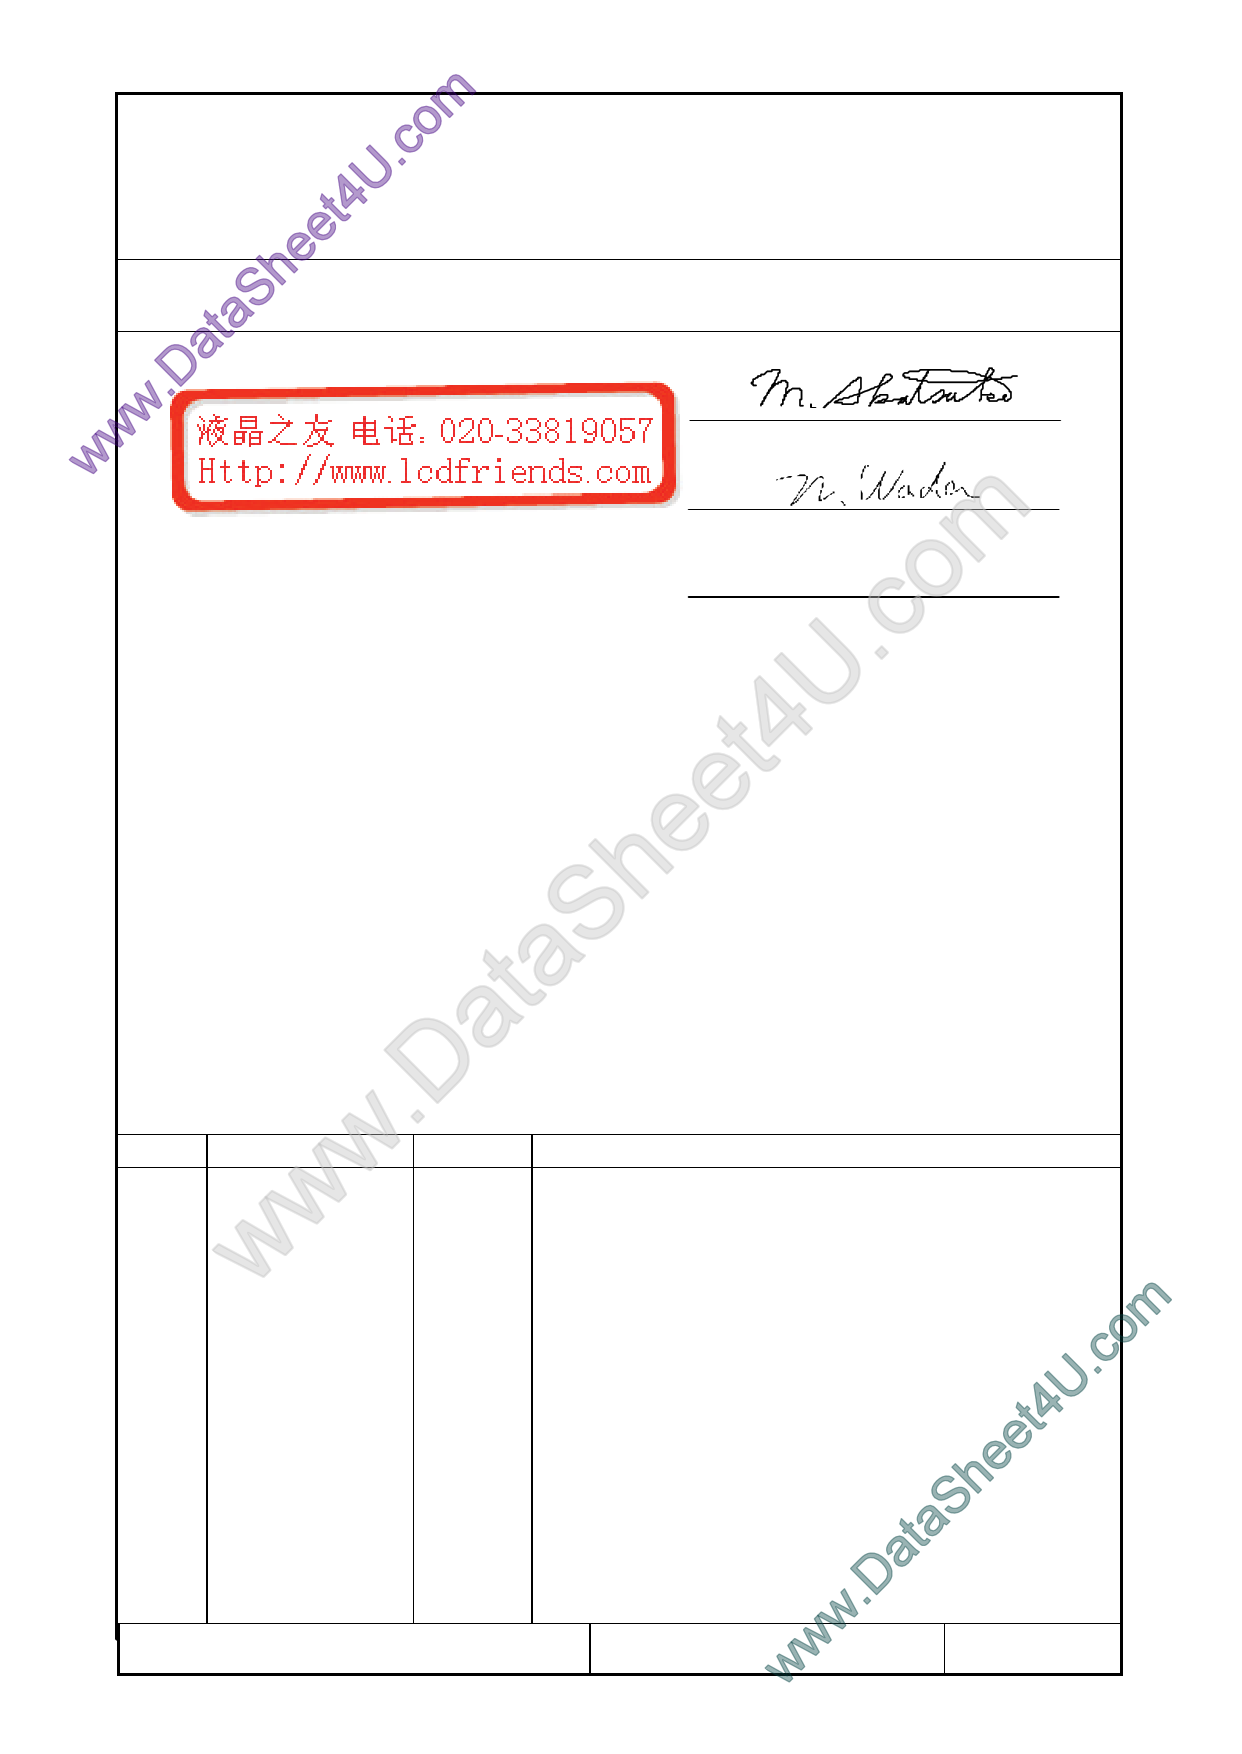 F-51851GNFQJ-LE-AAN دیتاشیت PDF